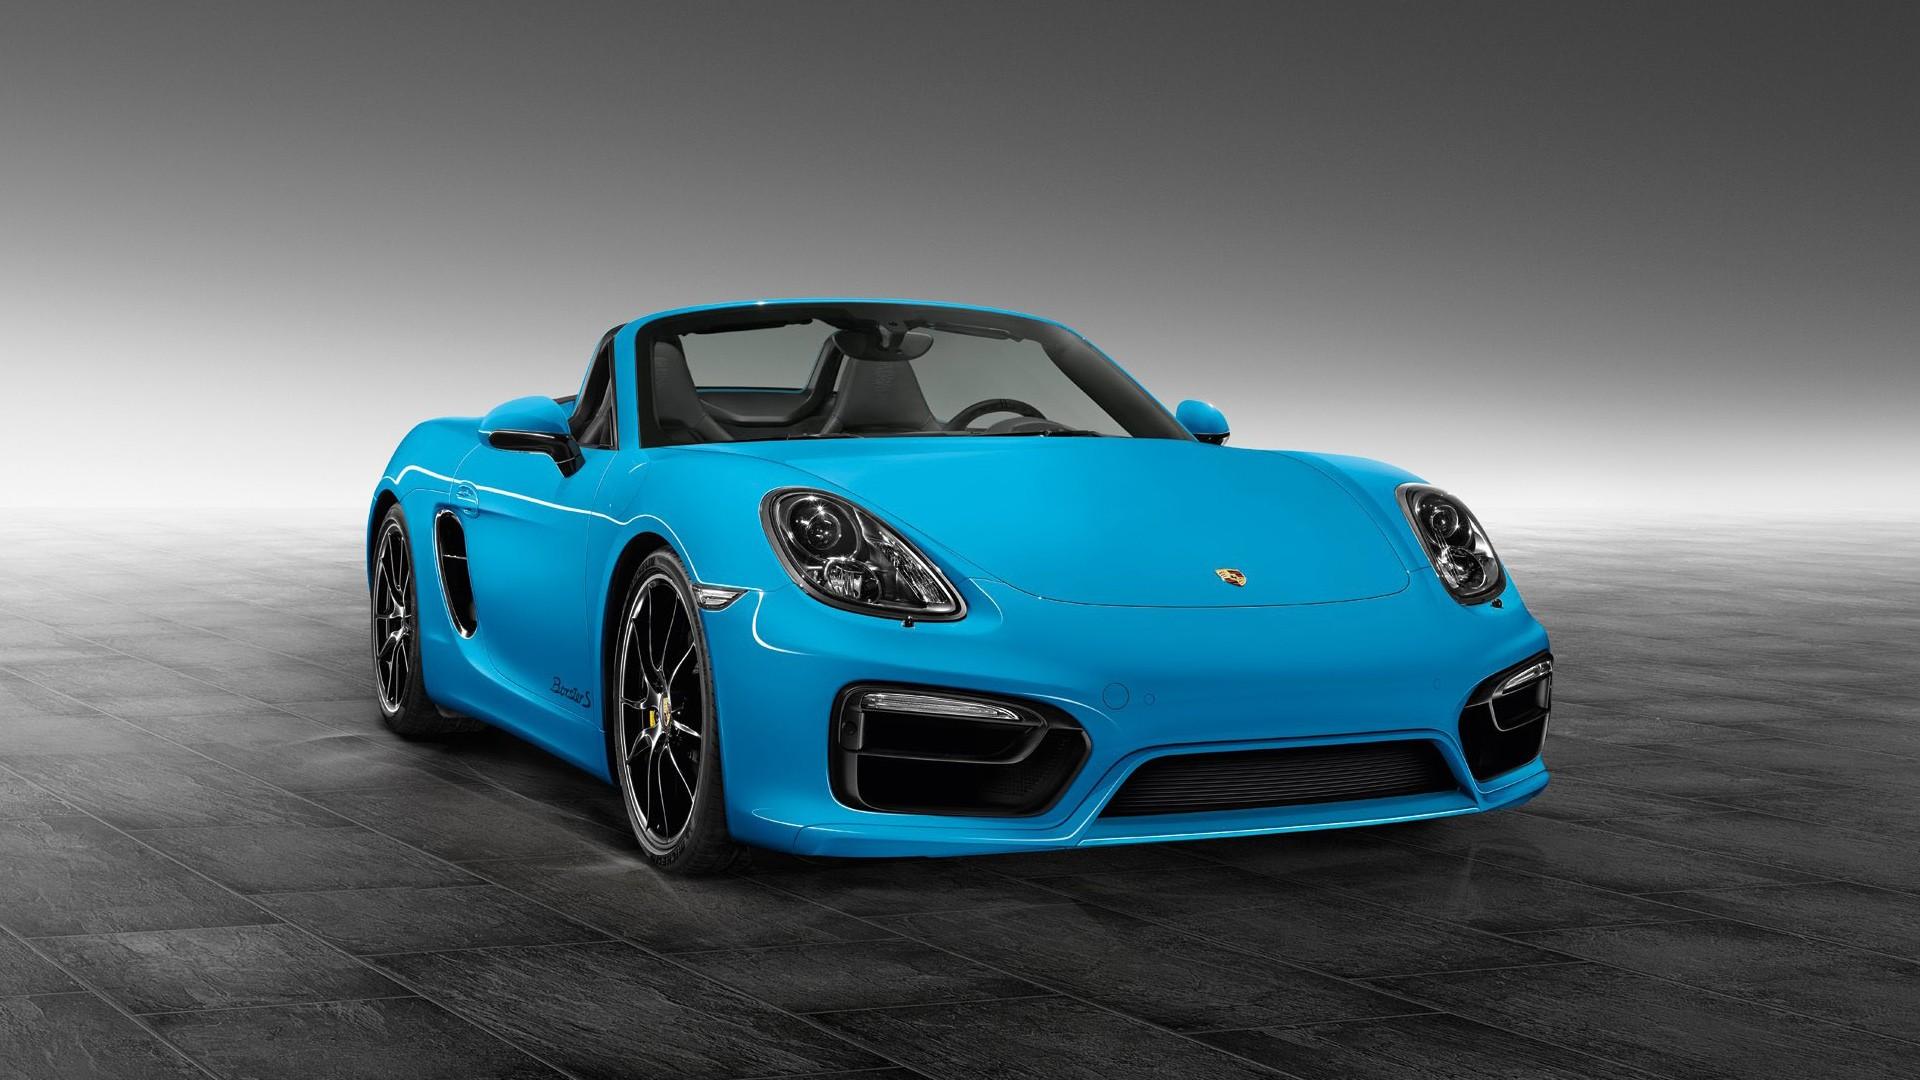 Porsche Macan Wallpaper Iphone 2014 Porsche Exclusive Bespoke Boxster S Wallpaper Hd